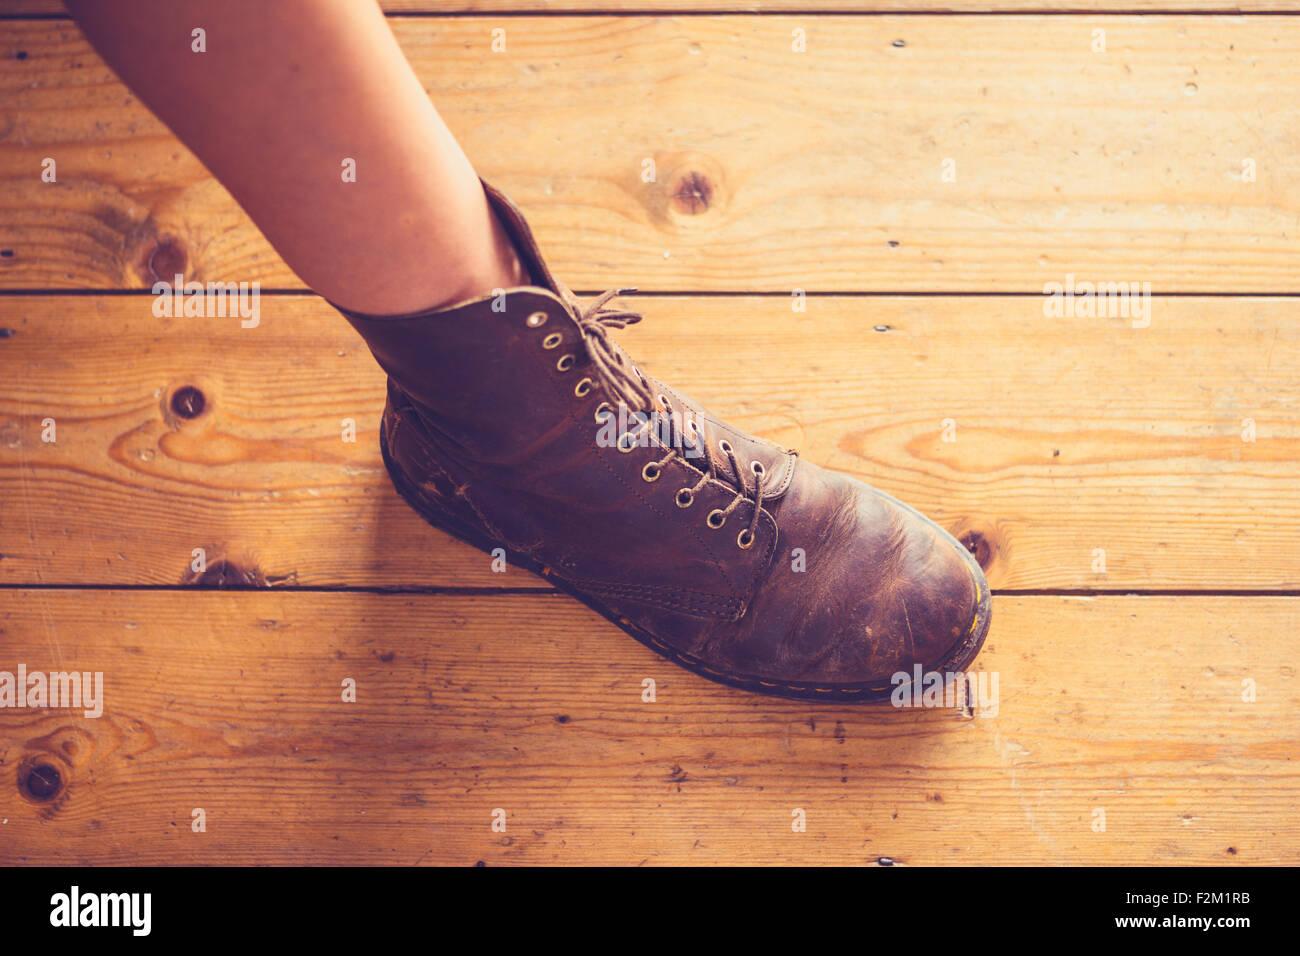 Woman's foot on wooden floor - Stock Image